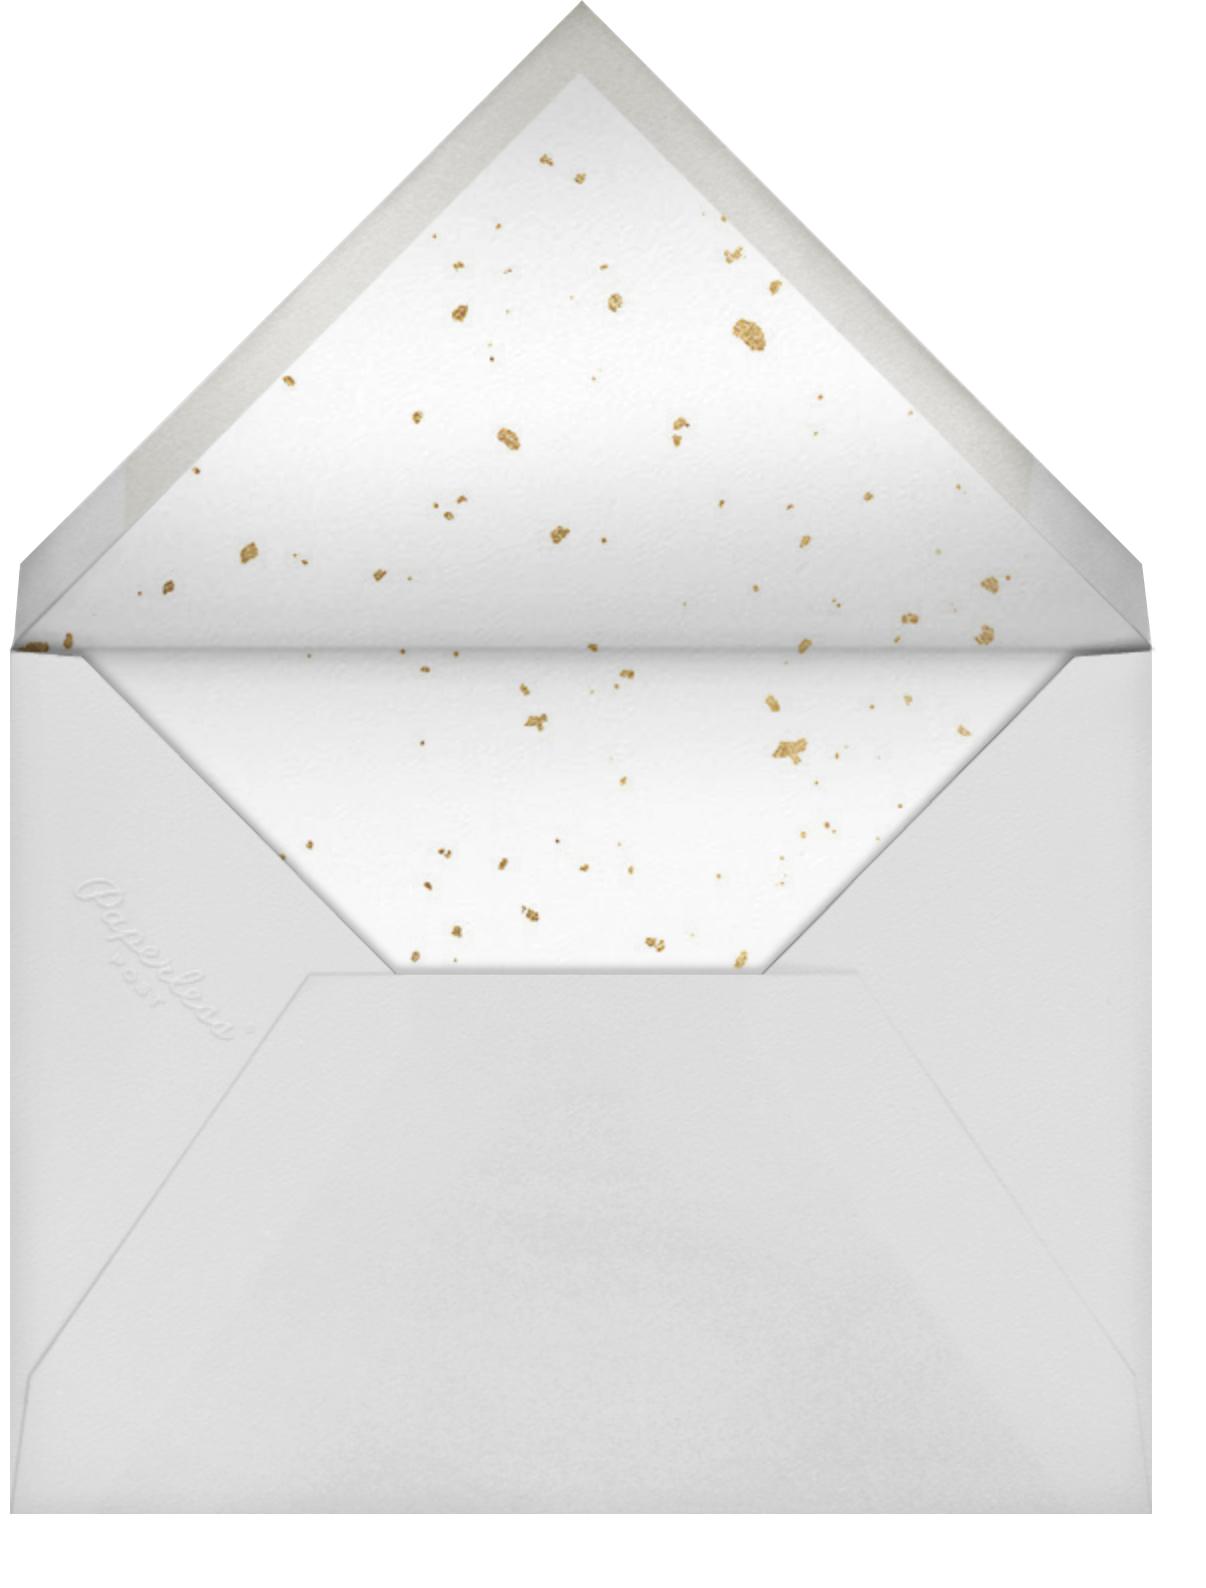 Dissolve (Invitation) - Paperless Post - All - envelope back